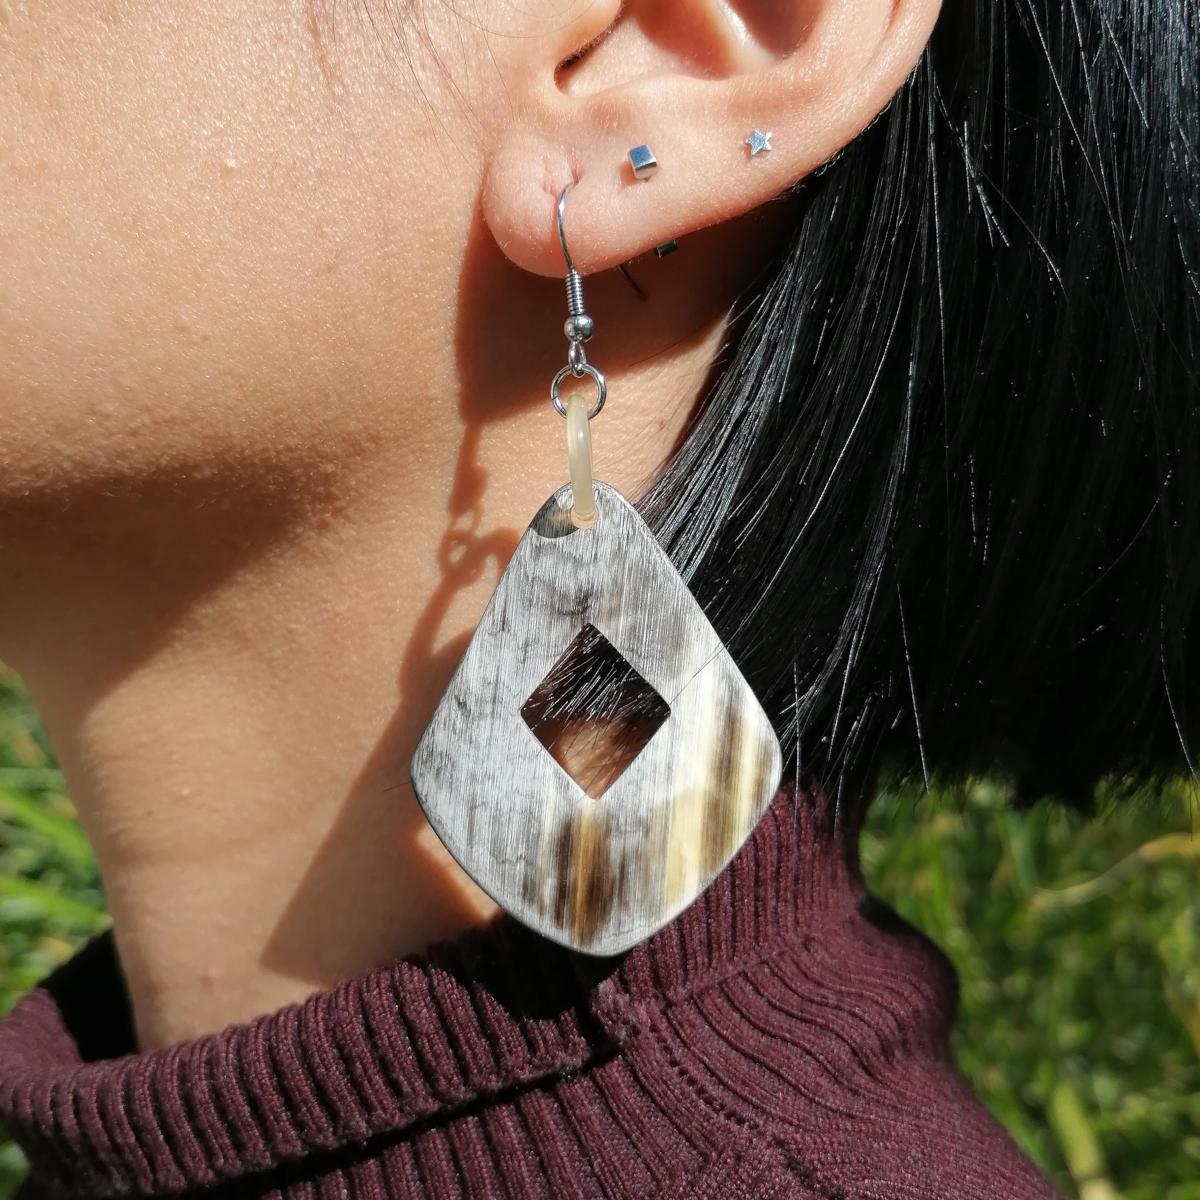 Wunderschöne Ohrringe aus natürlichem Büffelhorn, handgemacht und fair gehandelt